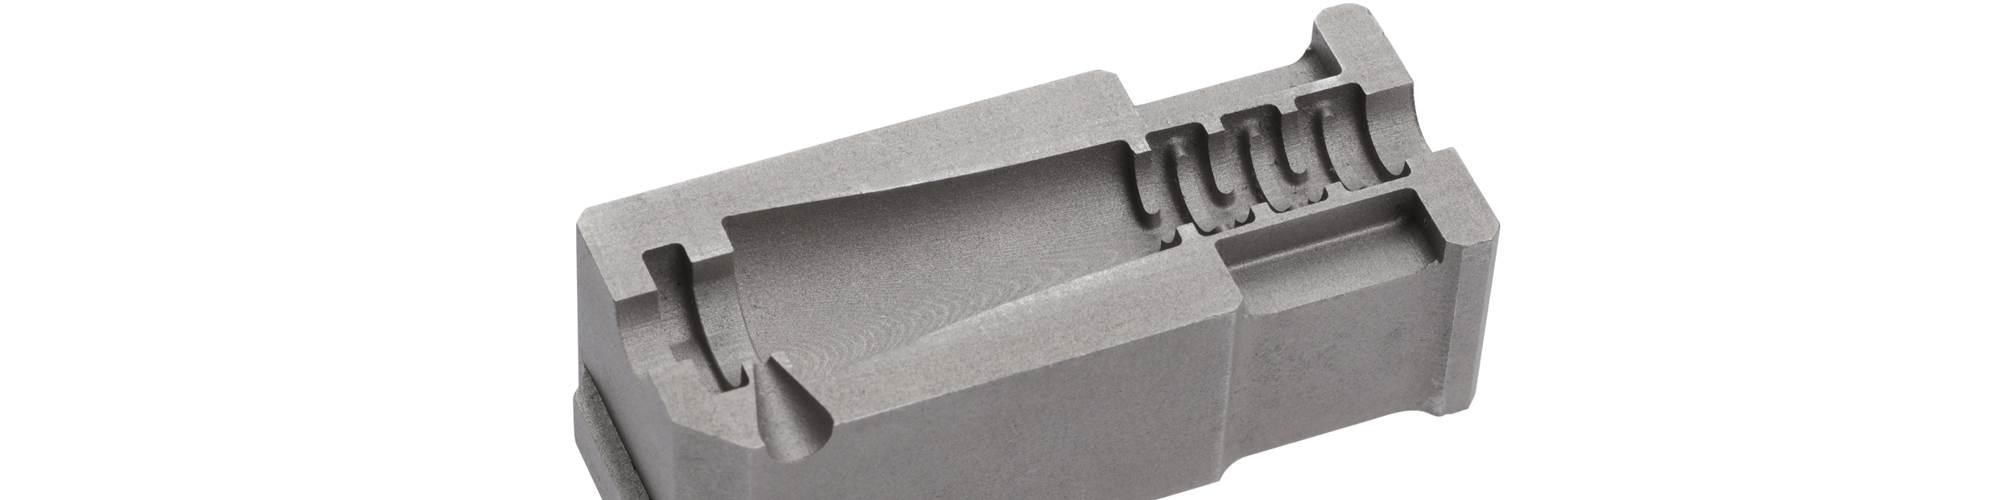 金属3d打印工具